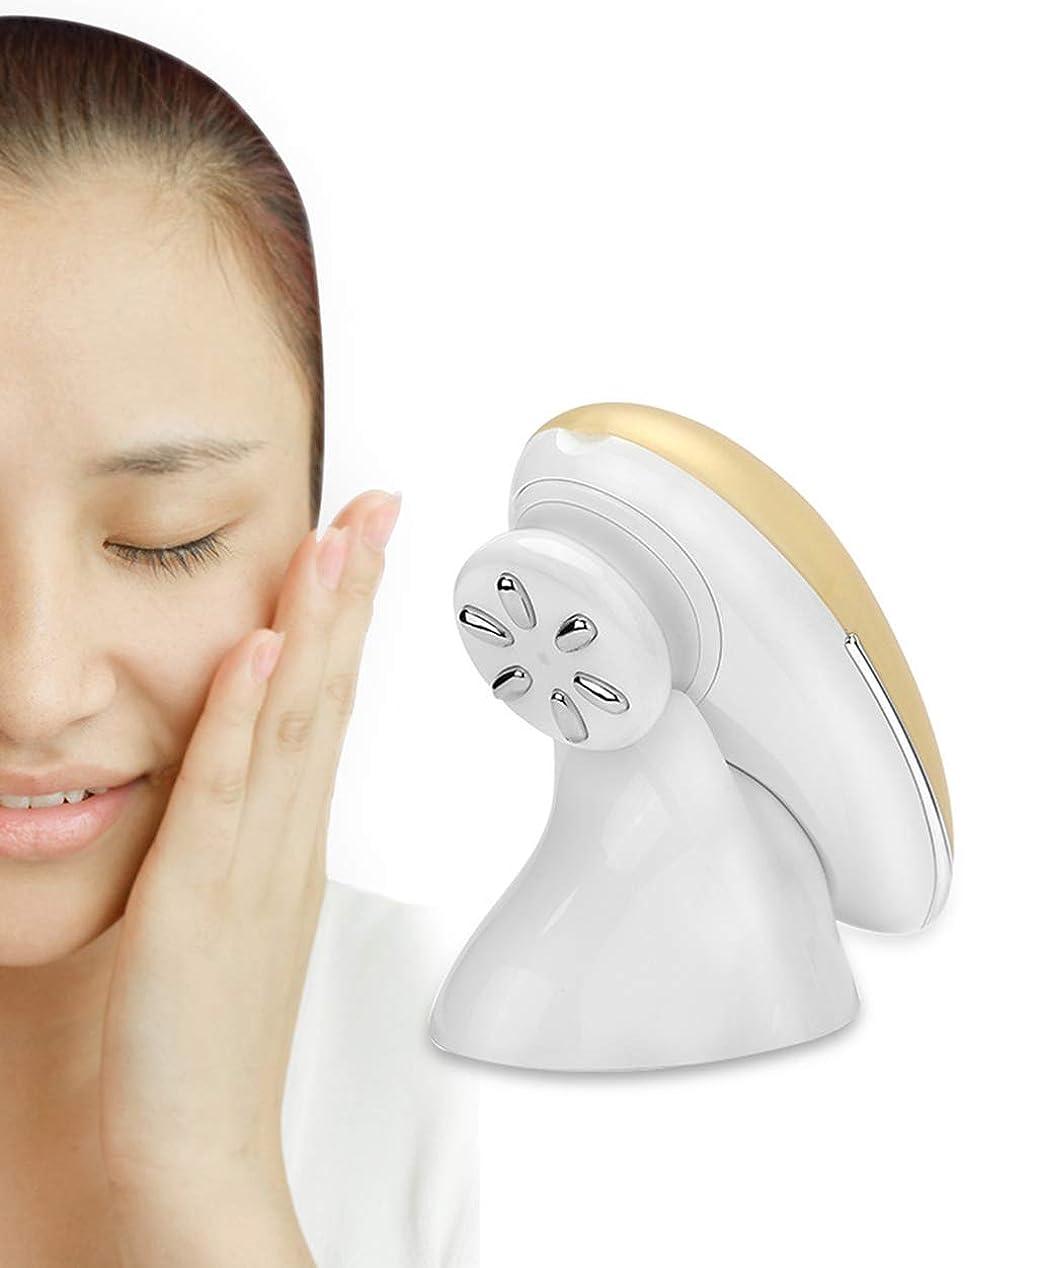 特徴づけるの配列に慣れEMSパルス美容機器、RFしわ肌の顔の肌を引き締め抗老化美容機器